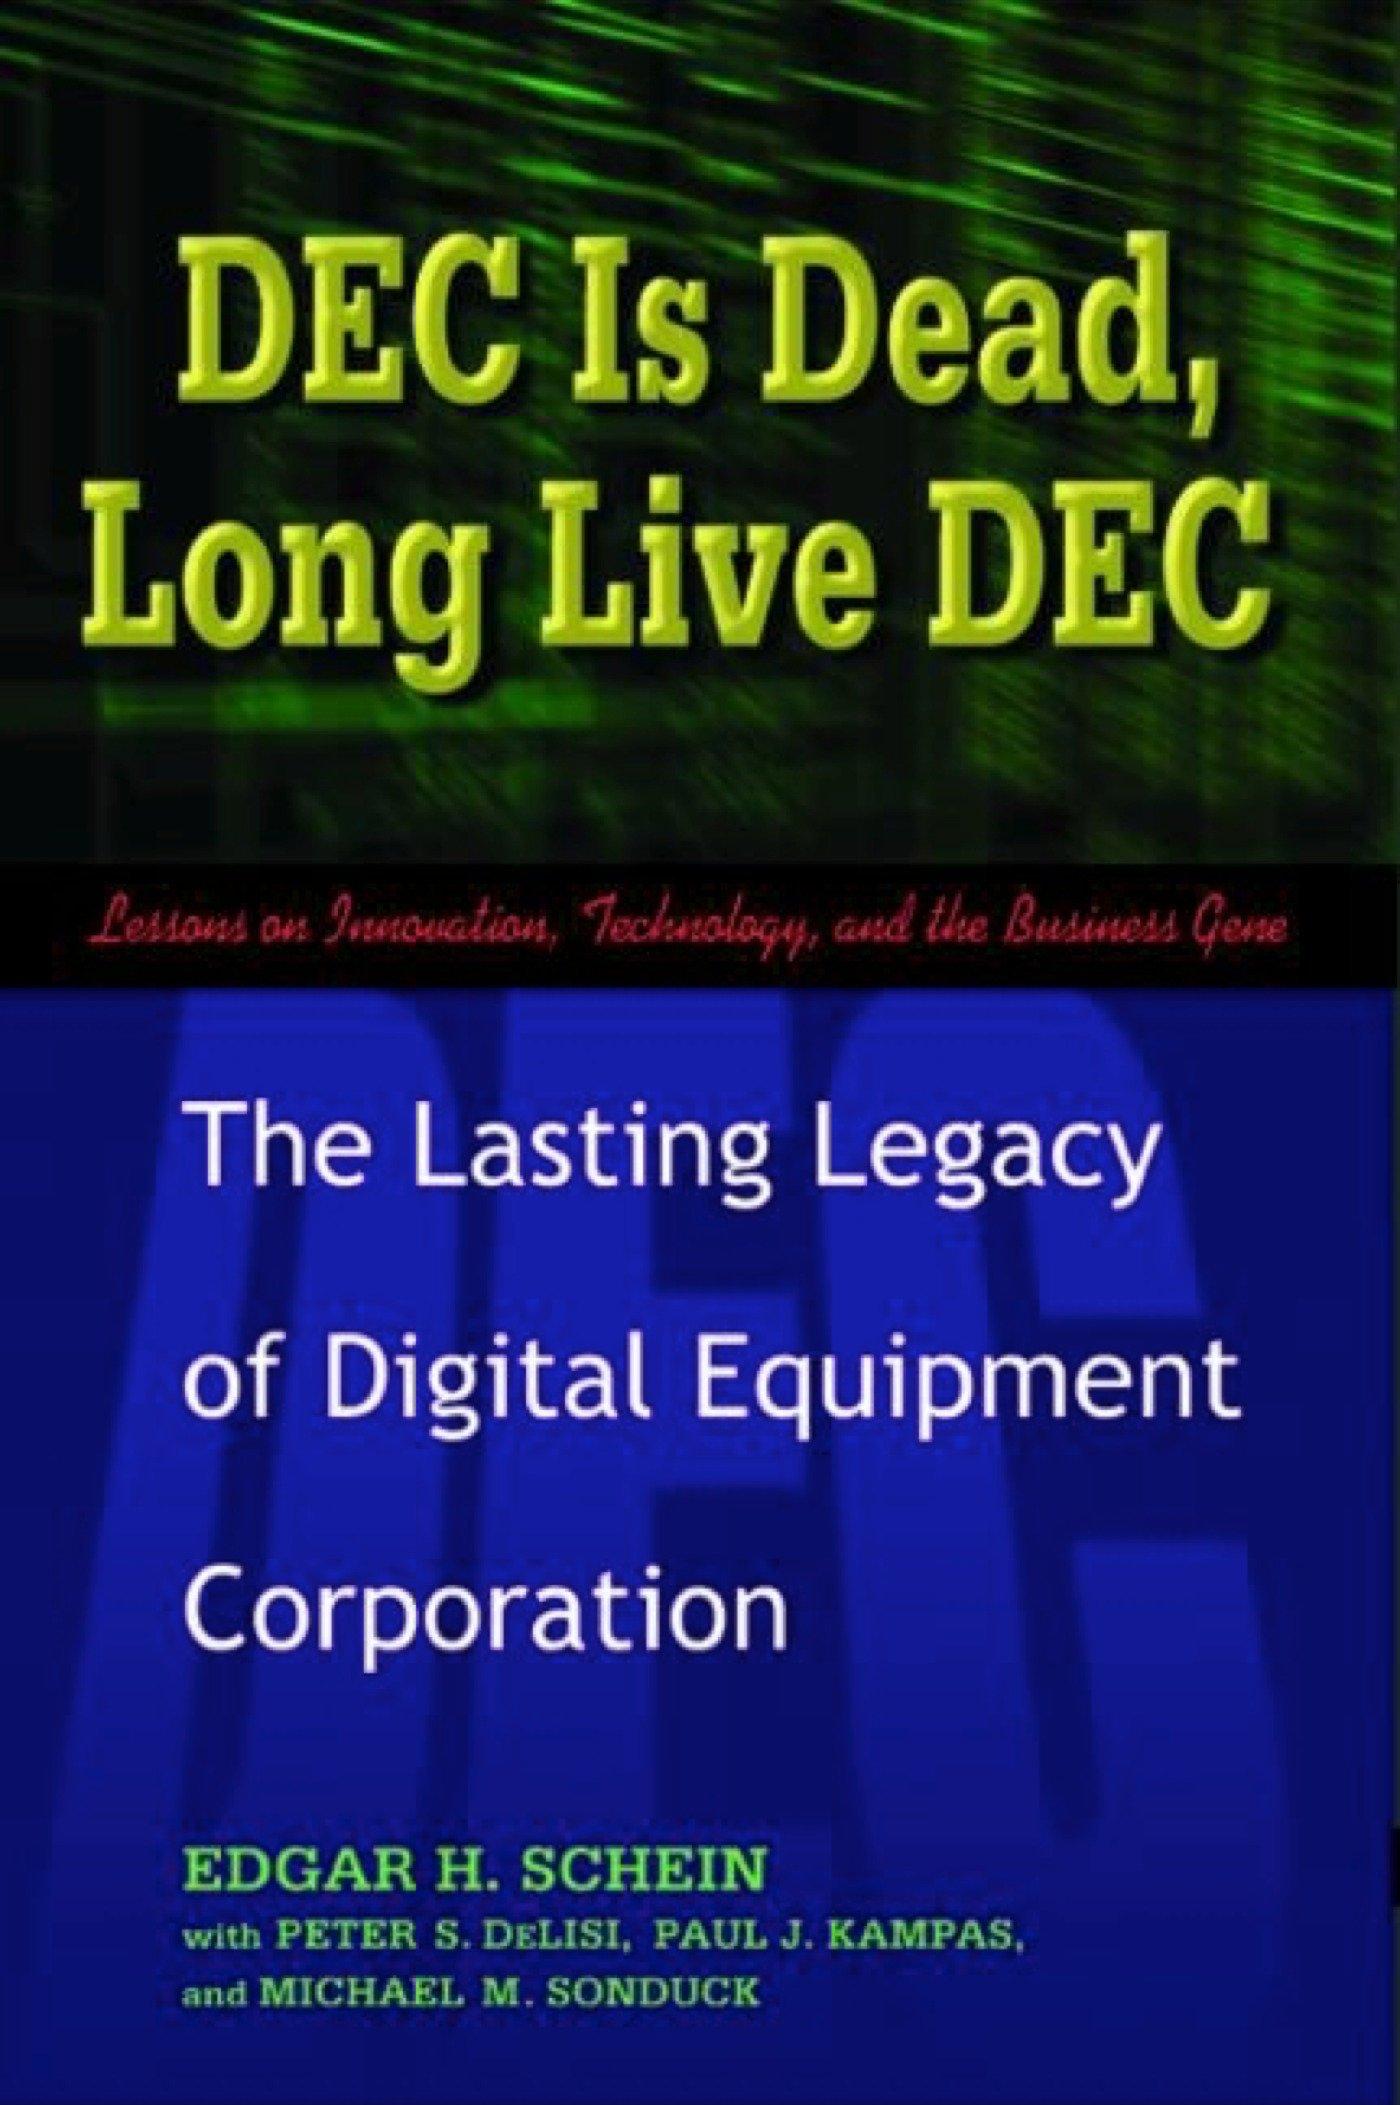 d116f762 DEC Is Dead, Long Live DEC: The Lasting Legacy of Digital Equipment ...